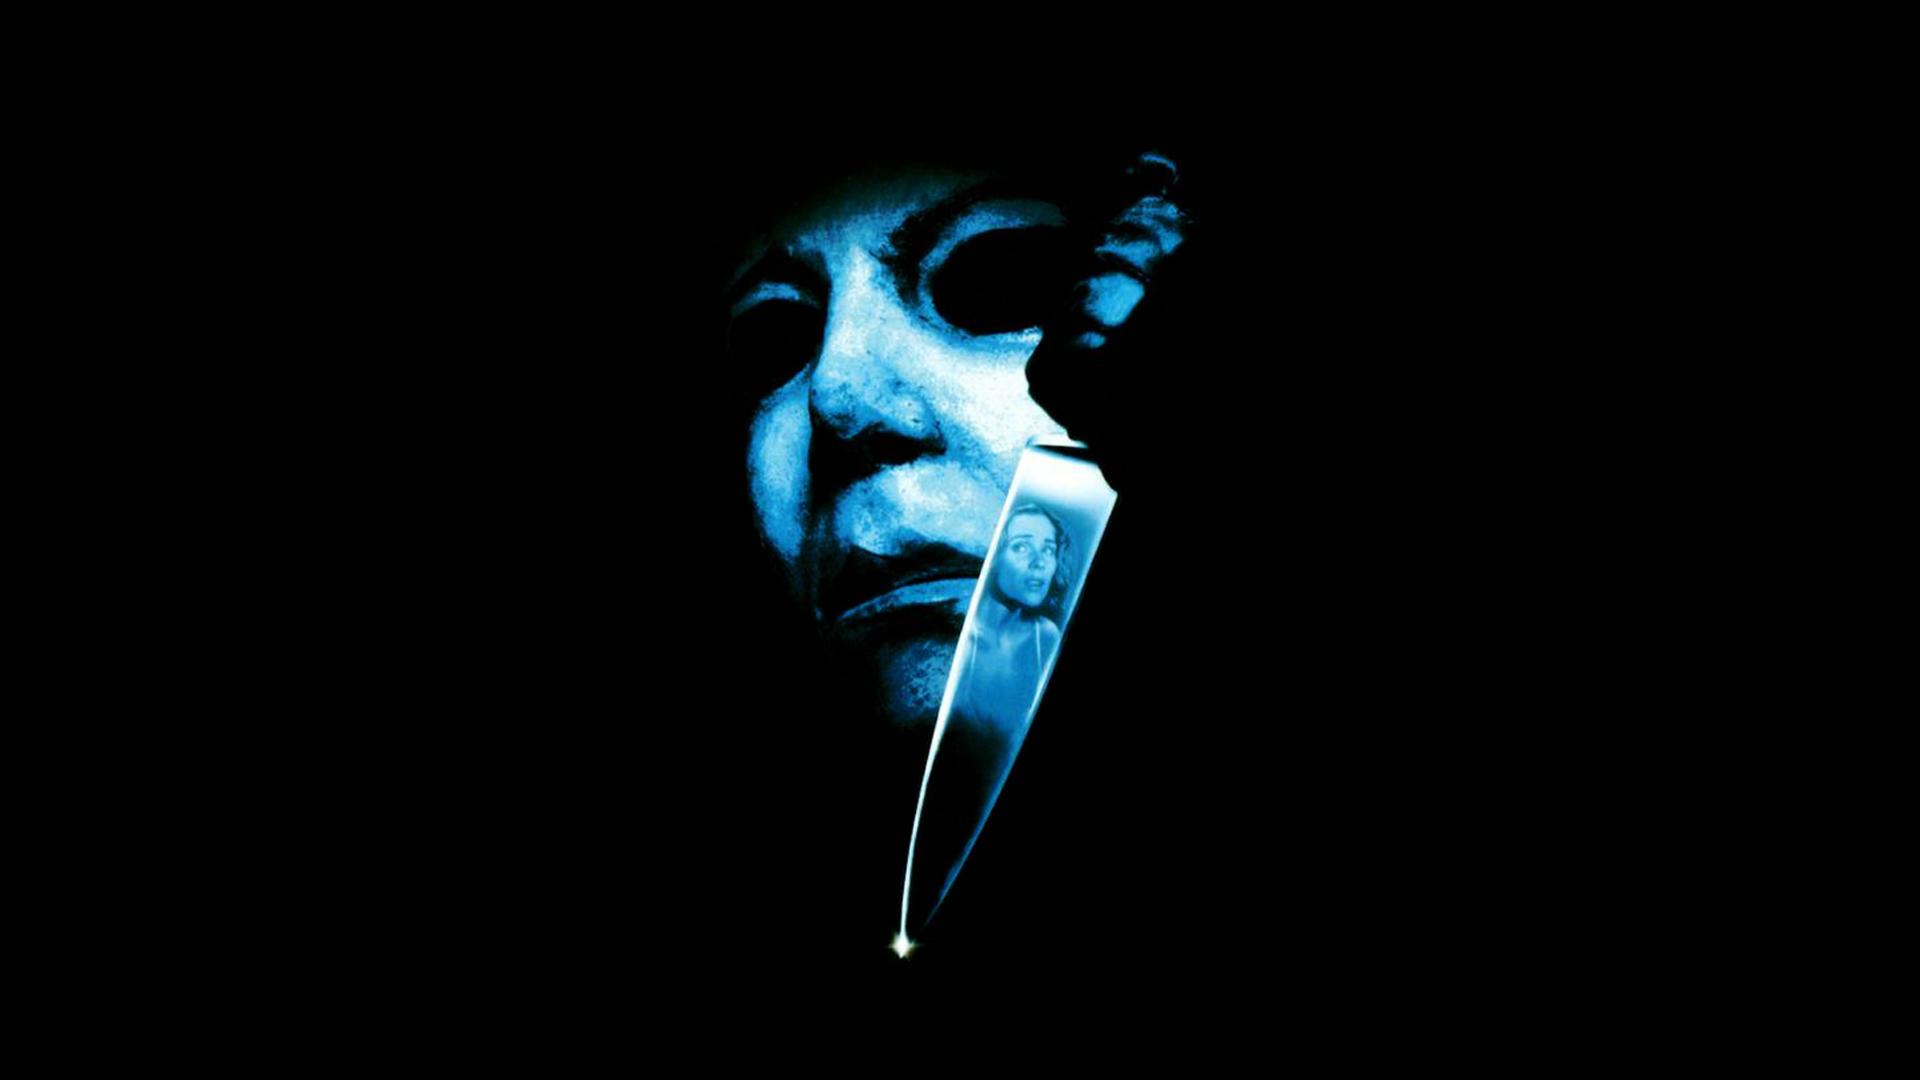 77+] Halloween Movie Wallpaper on WallpaperSafari